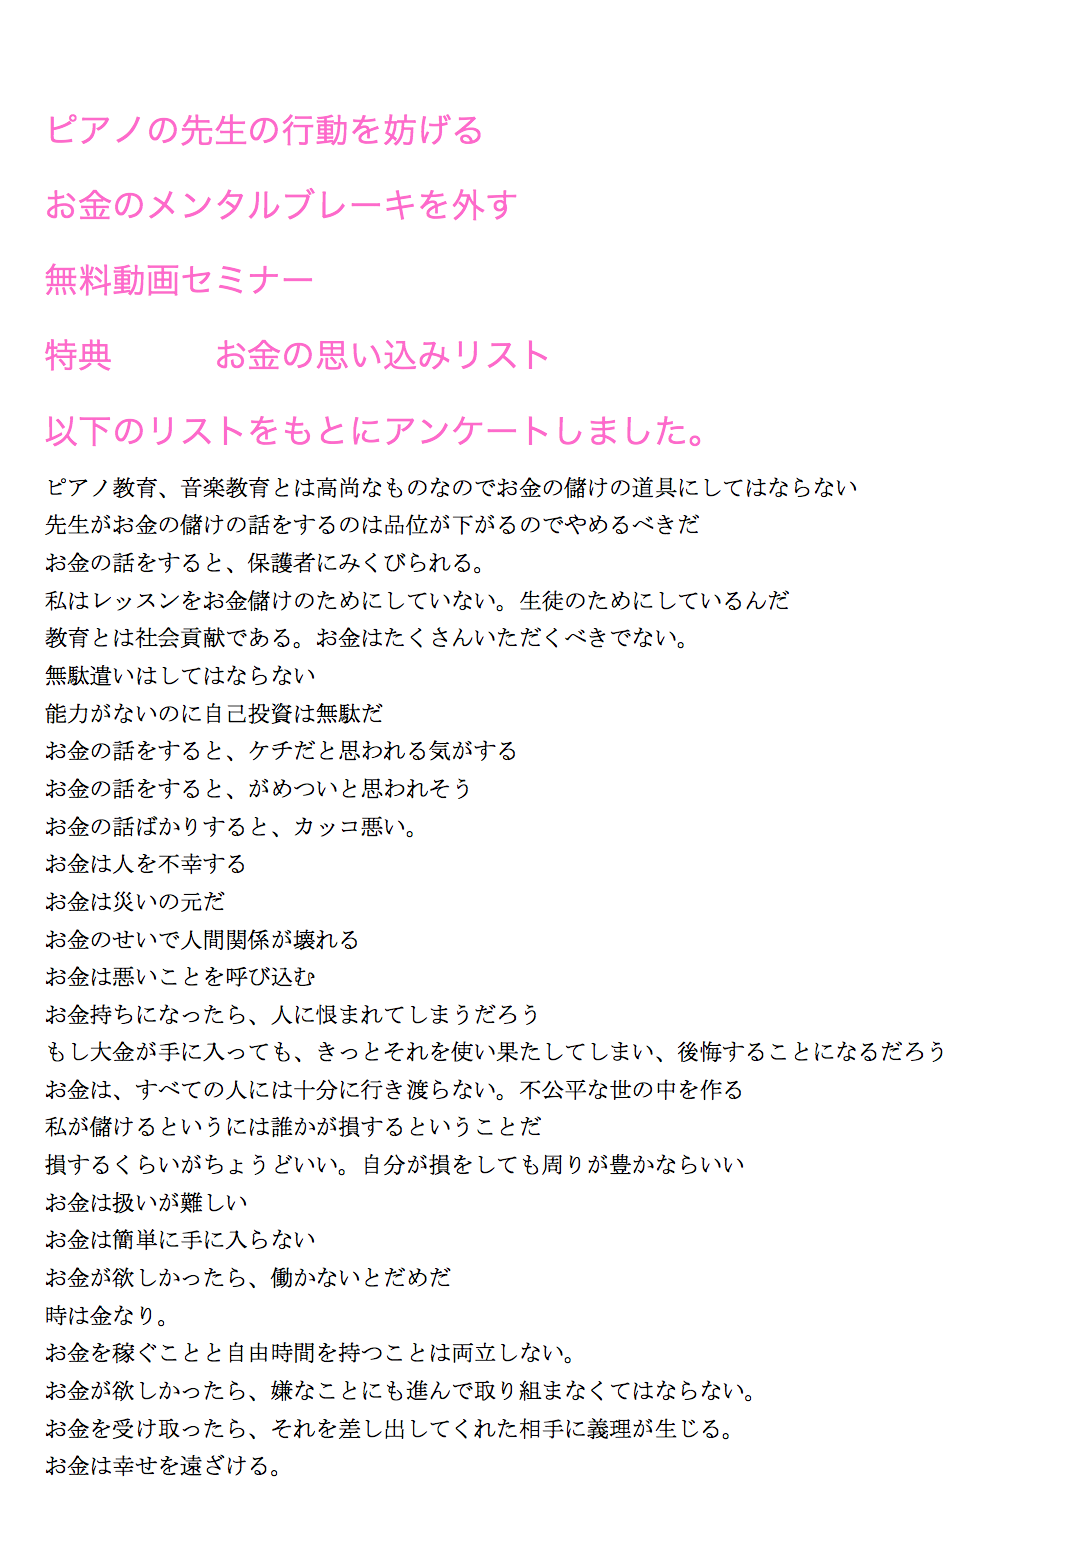 スクリーンショット 2015-11-17 0.08.26